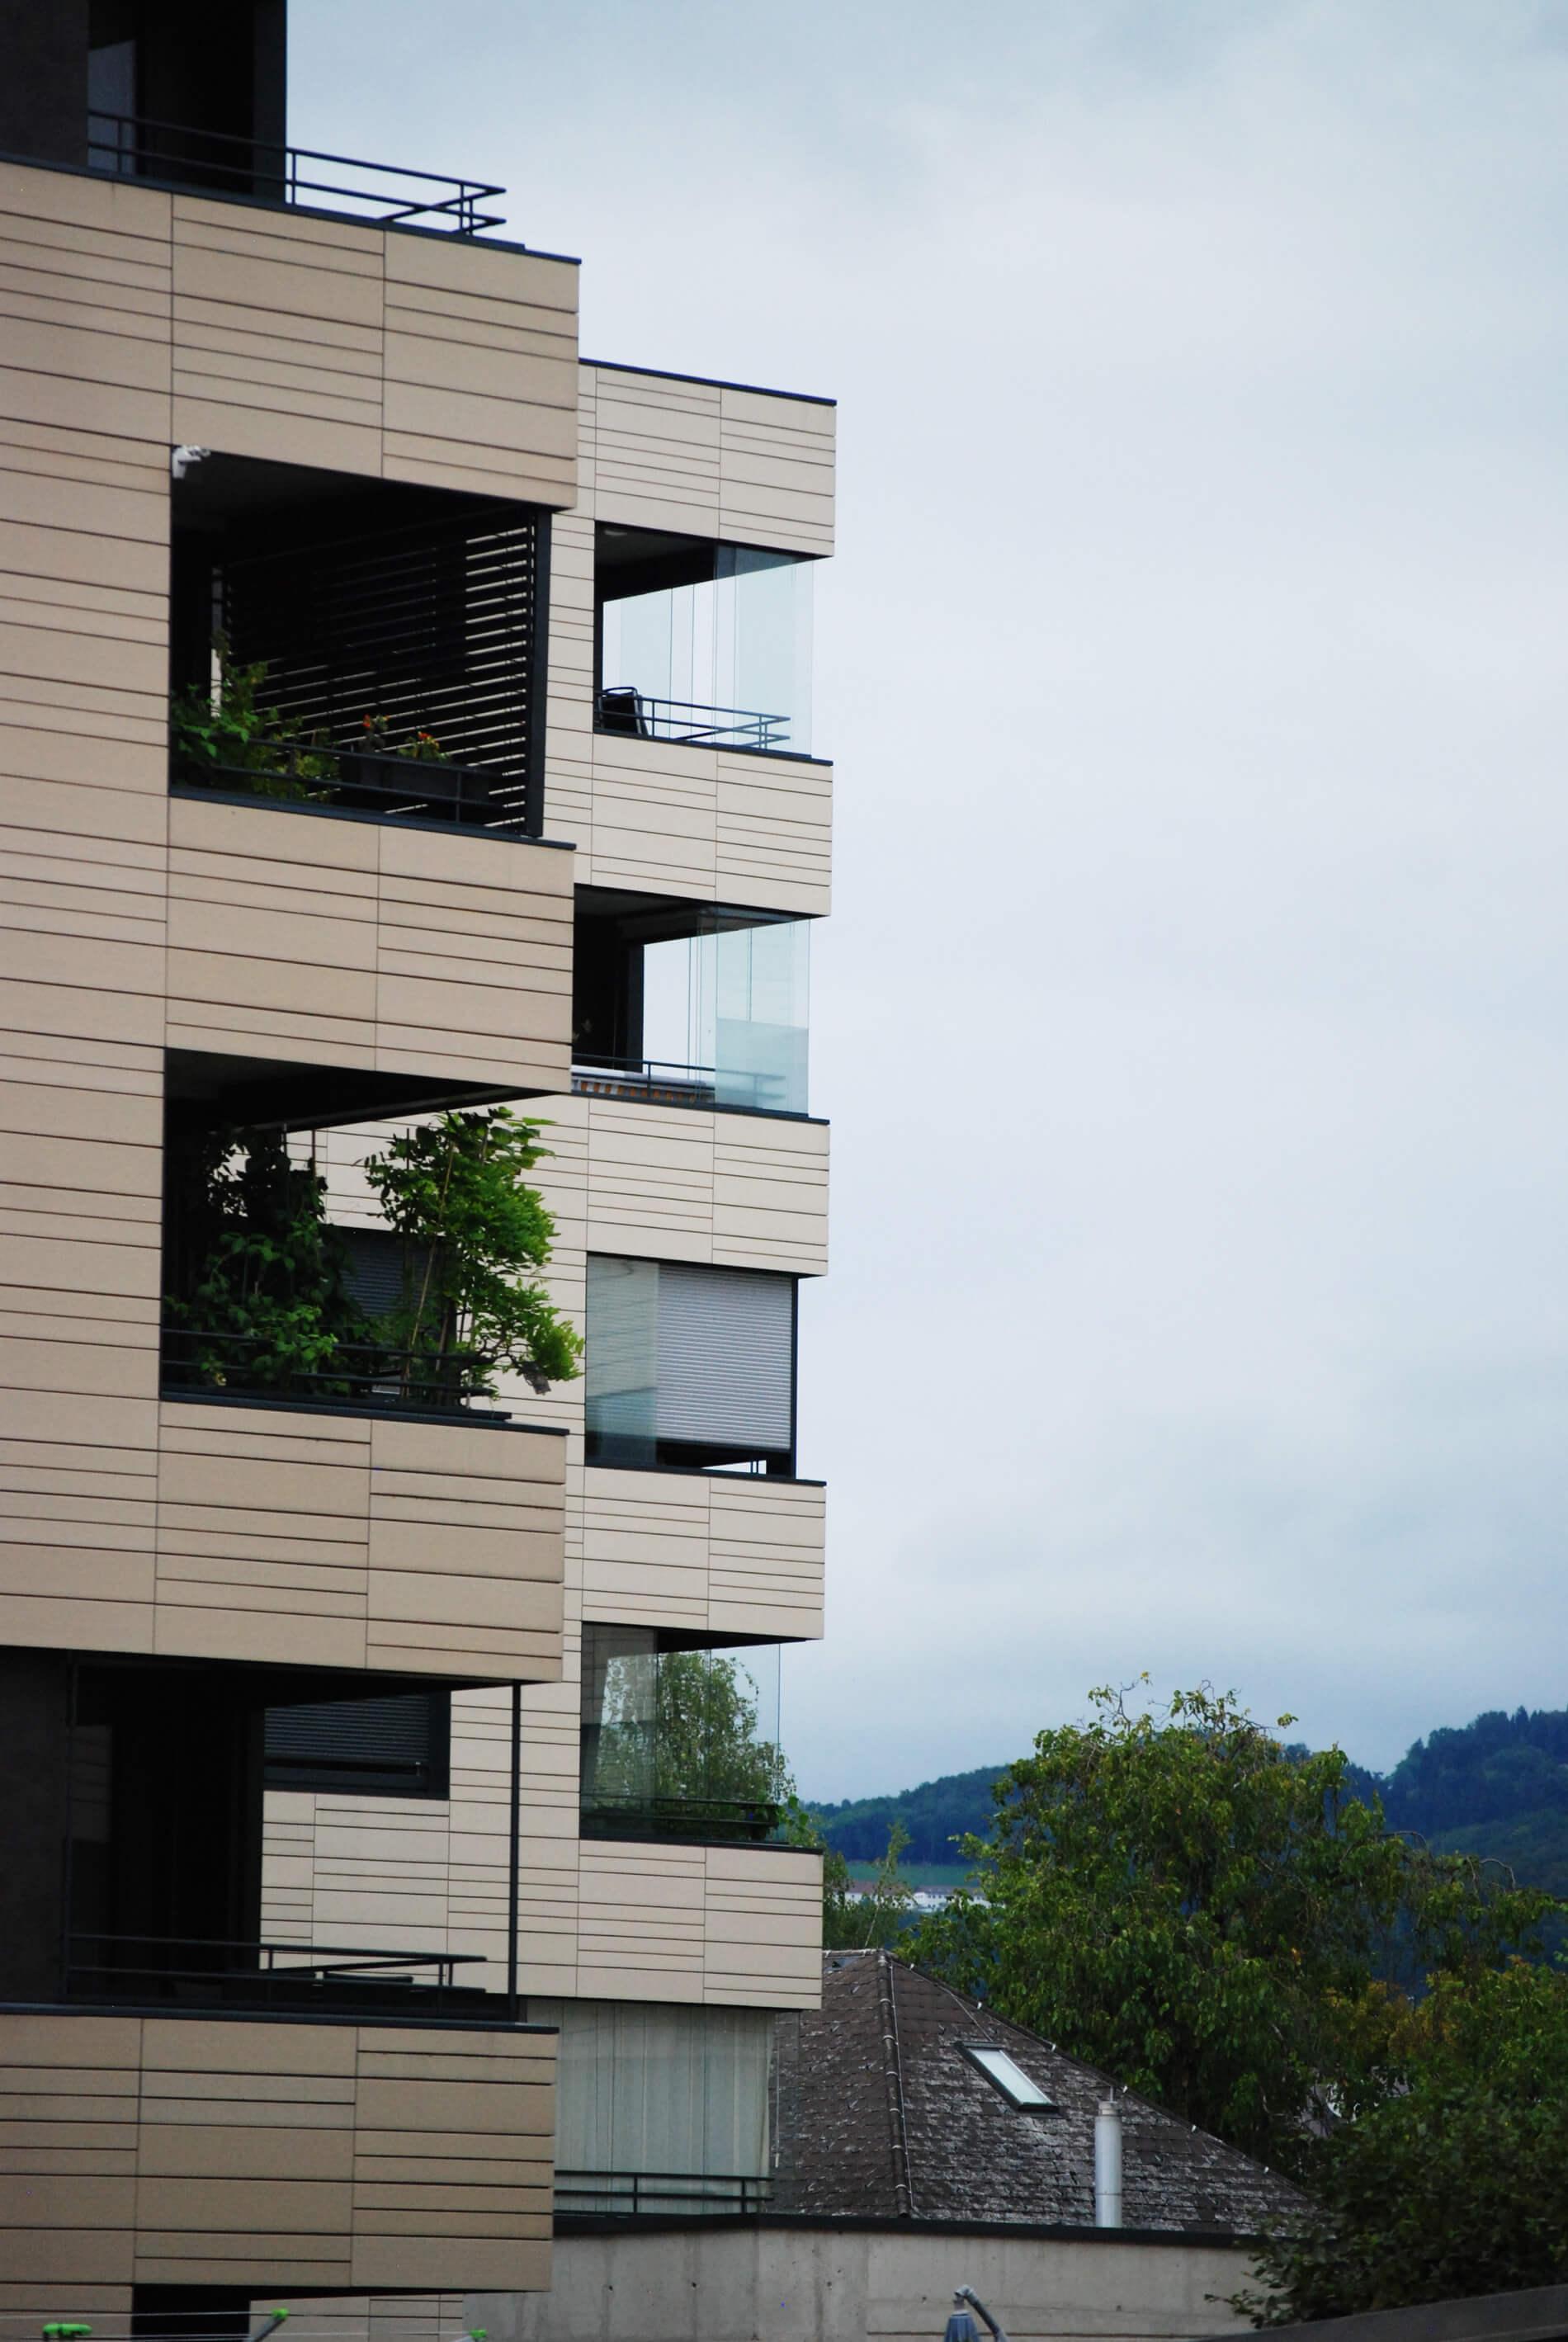 Loggiaverglasung Schiebefenster